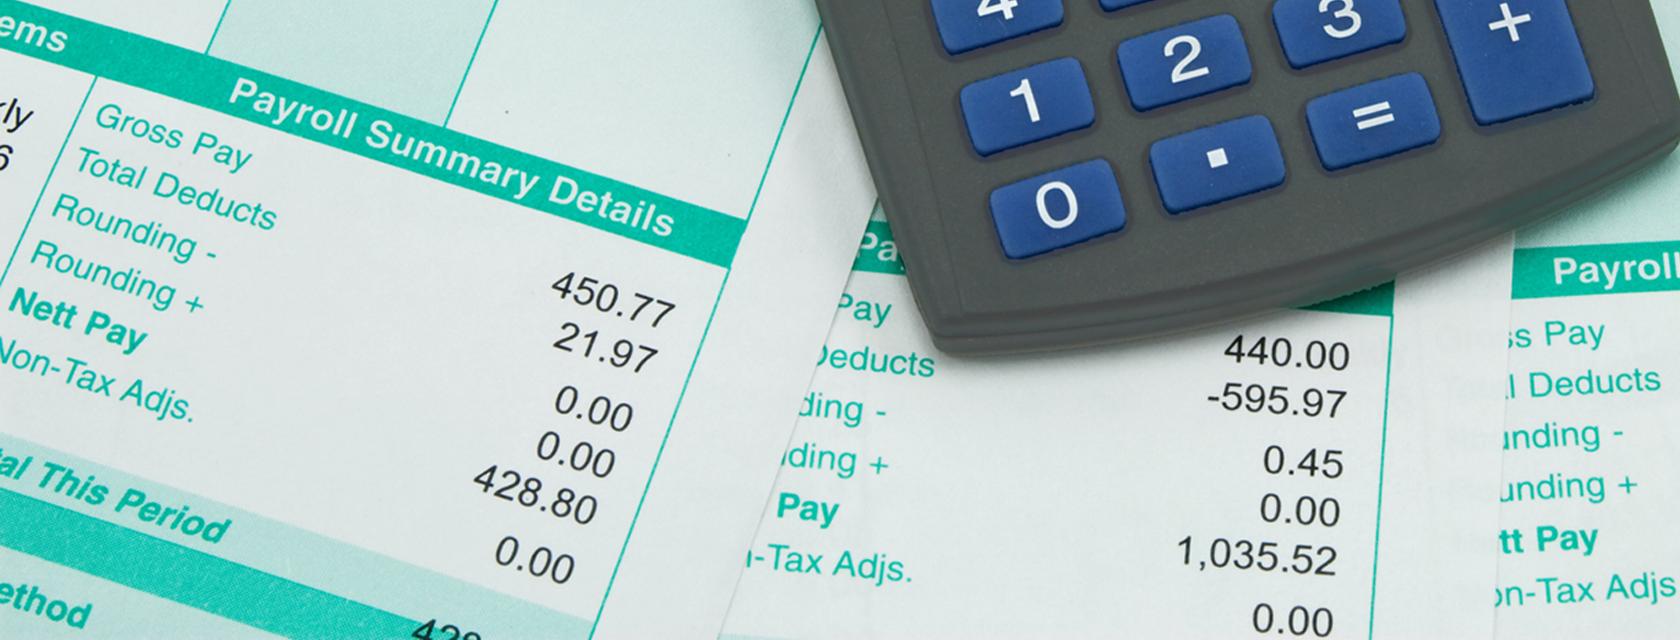 Auditoria de folha de salários permite à empresarever erros e recuperar valores pagos a maior